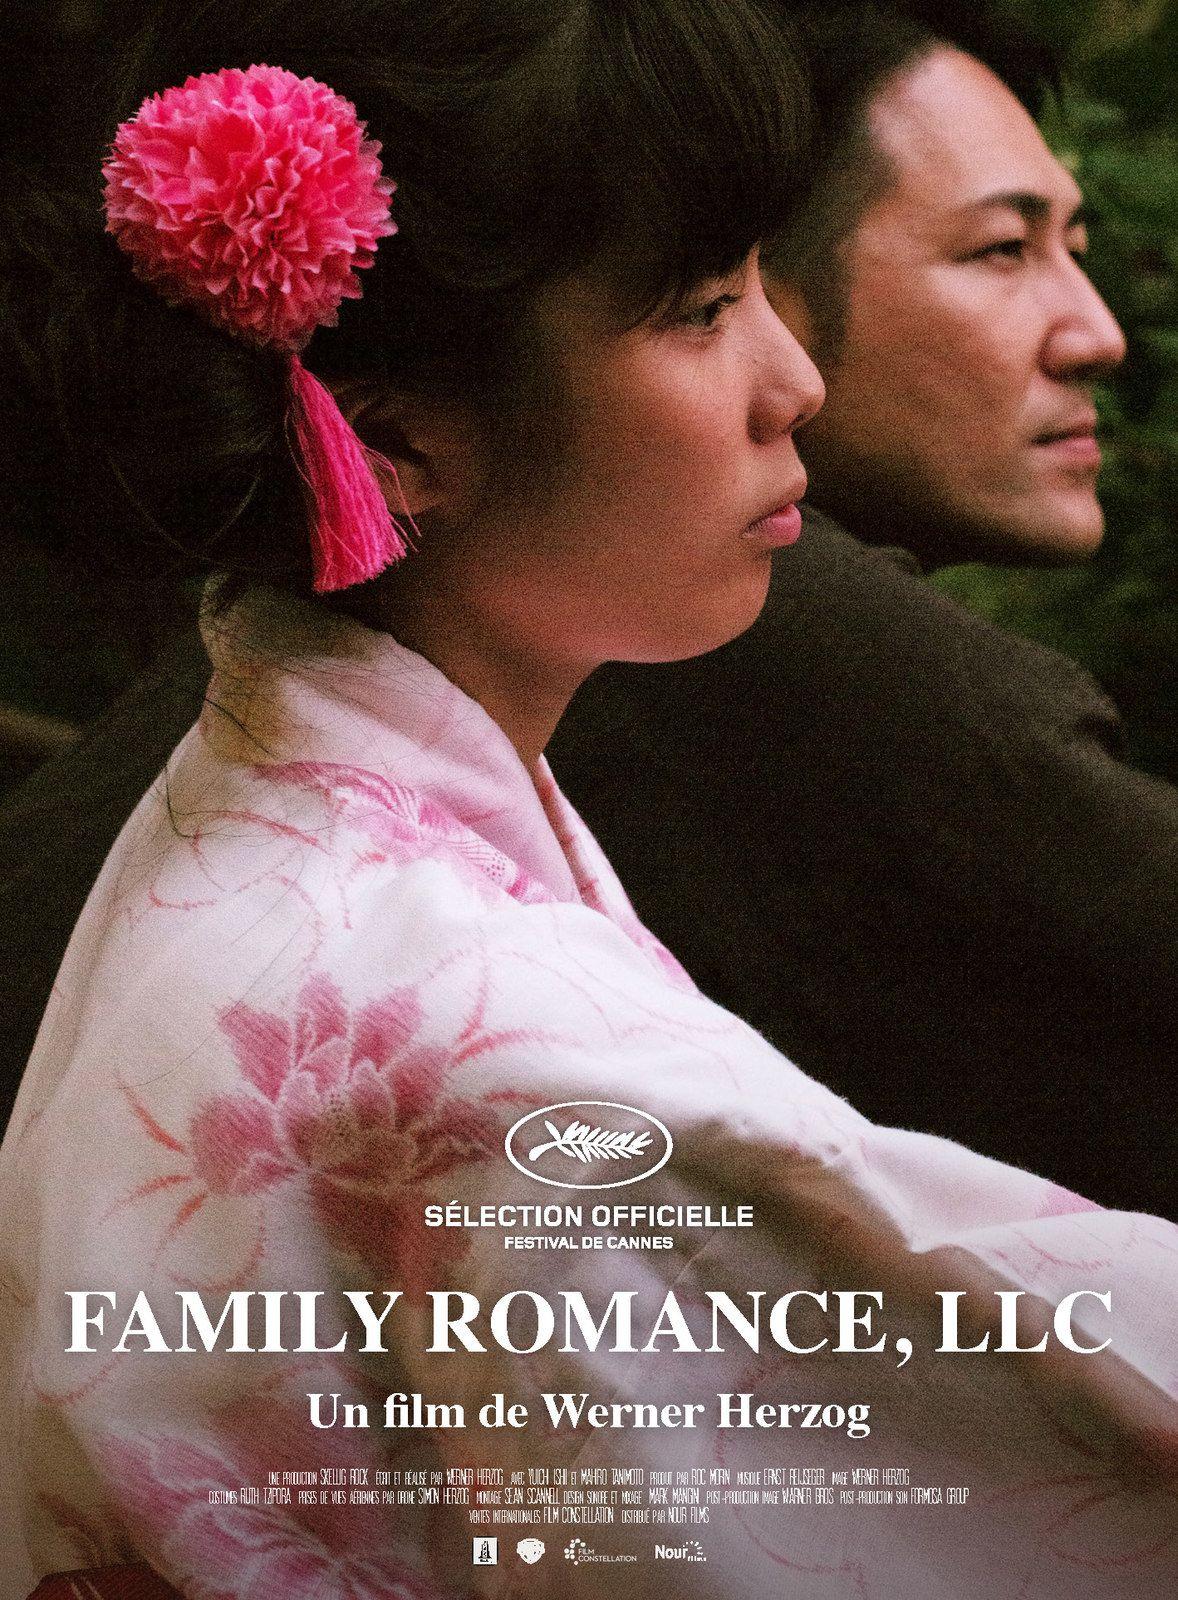 Family Romance, LLC (BANDE-ANNONCE) de Werner Herzog - Le 19 août 2020 au cinéma